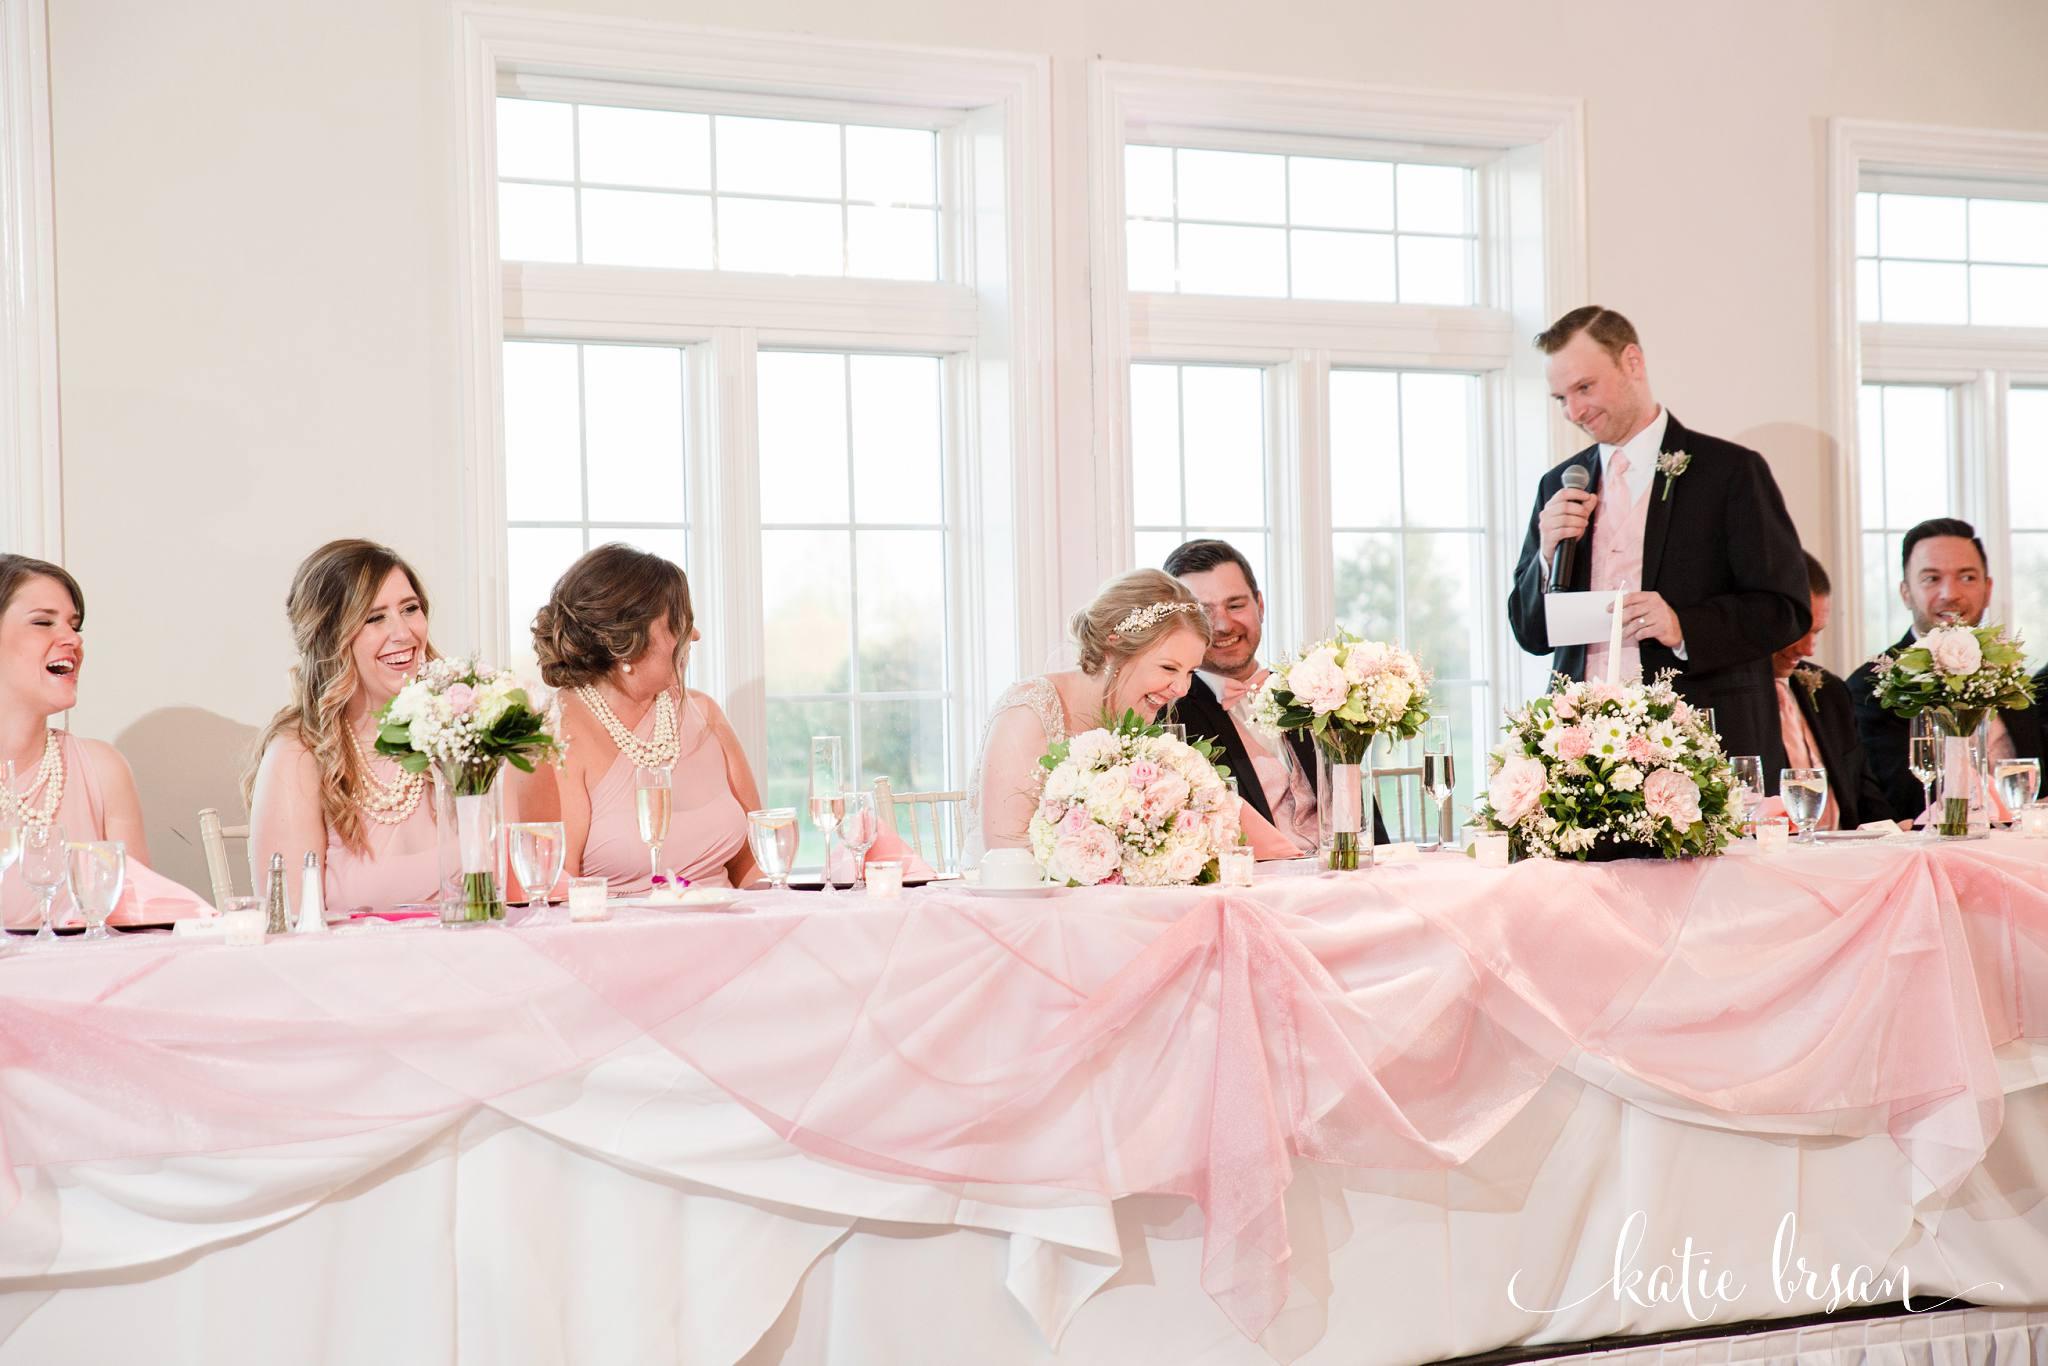 Mokena_Lemont_Wedding_Ruffled_Feathers_Wedding_1424.jpg